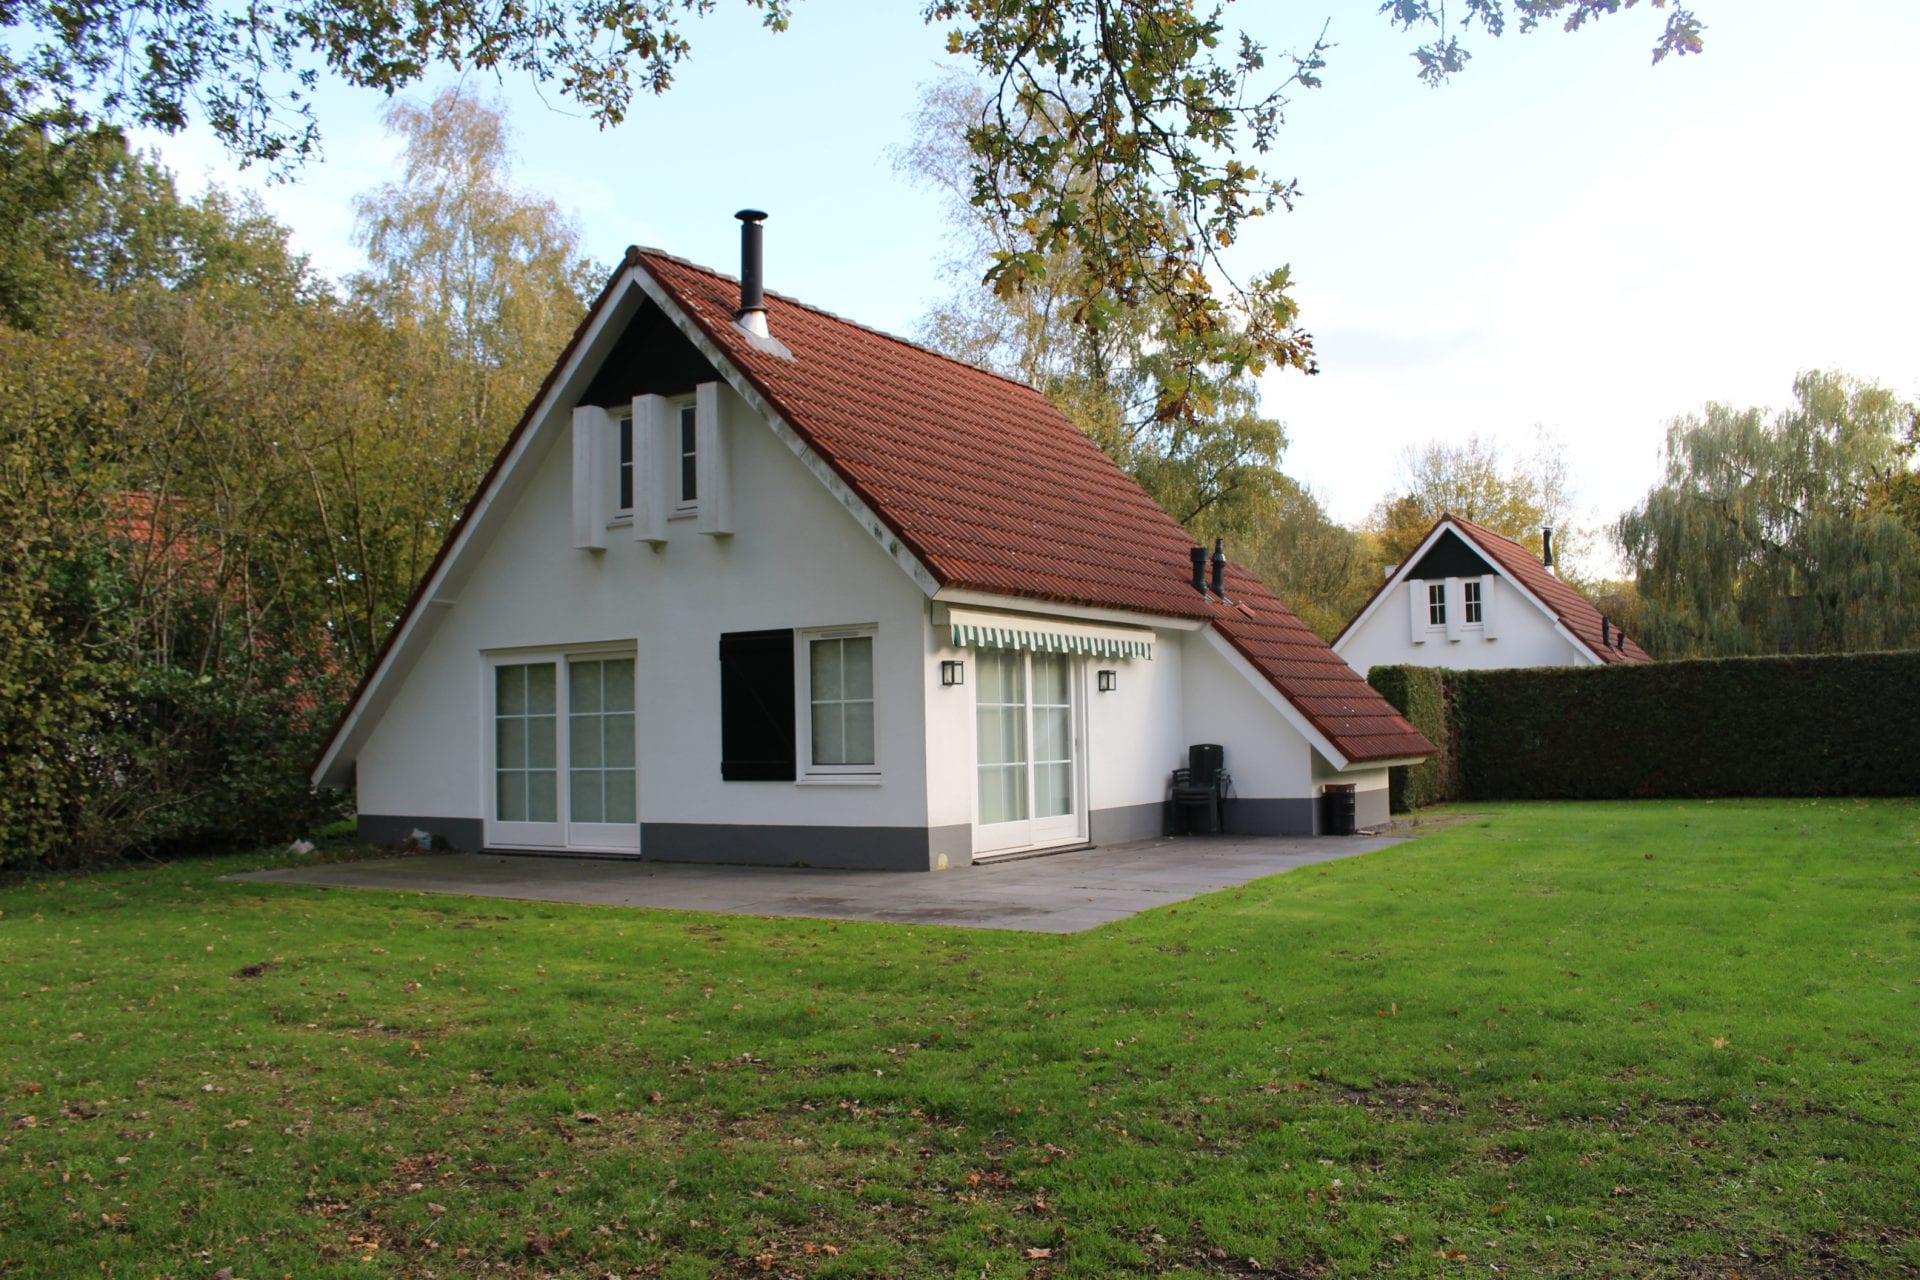 1 Landgoed De Elsgraven - Vakantiehuis nr. 109 - 4-6-persoons Comfort